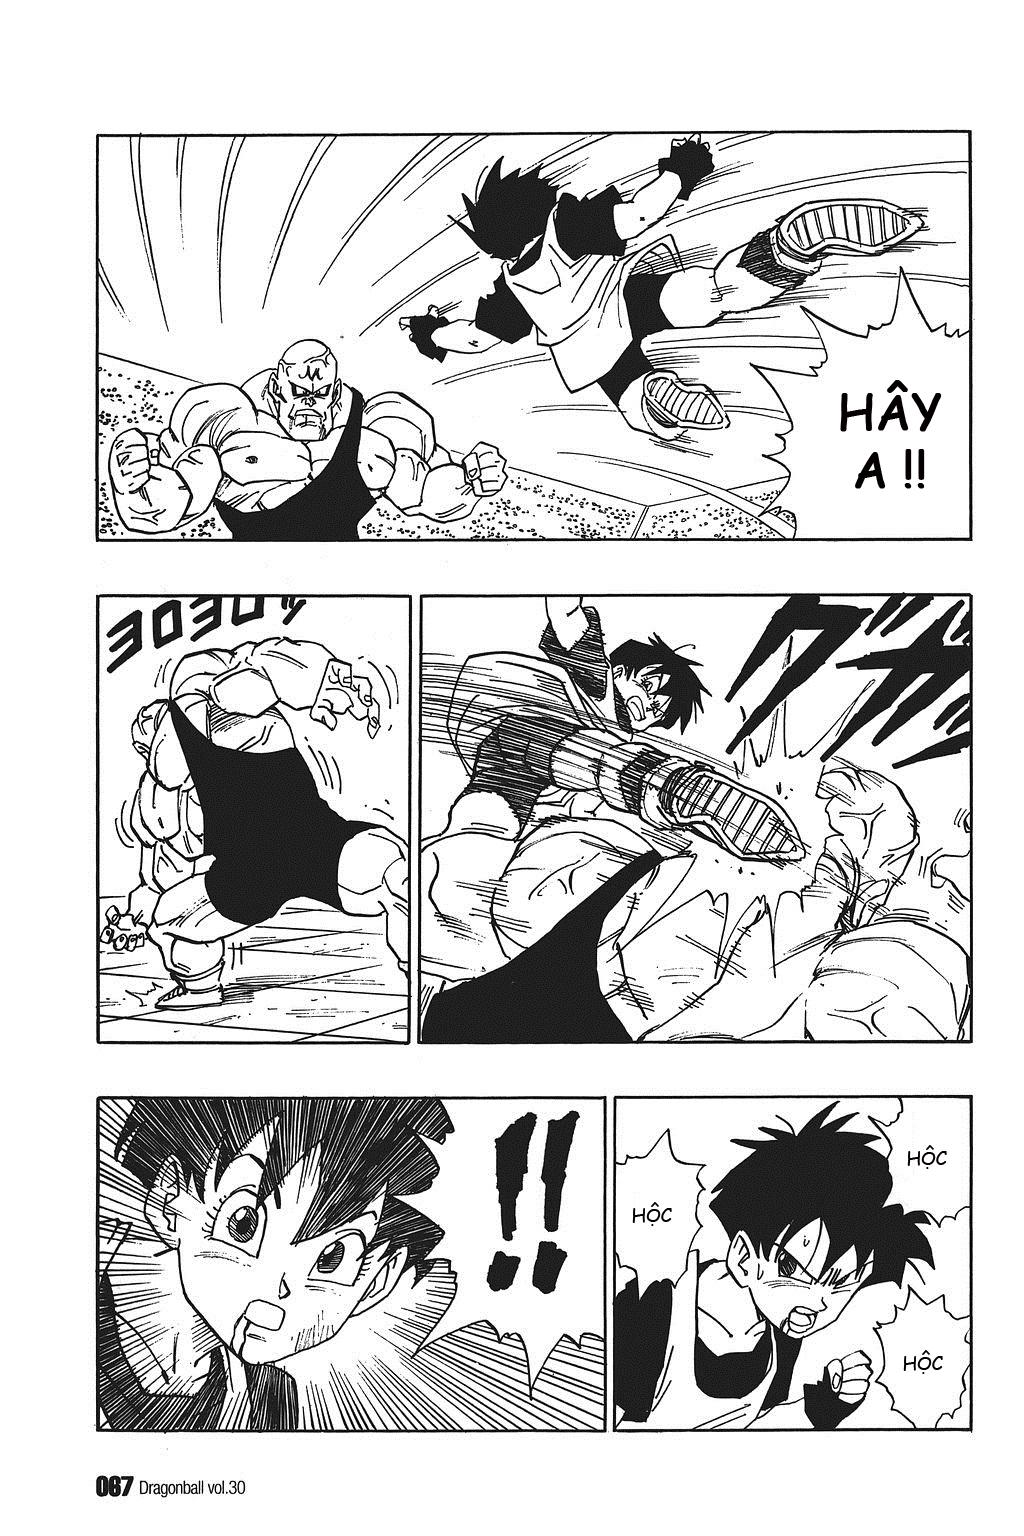 xem truyen moi - Dragon Ball Bản Vip - Bản Đẹp Nguyên Gốc Chap 441